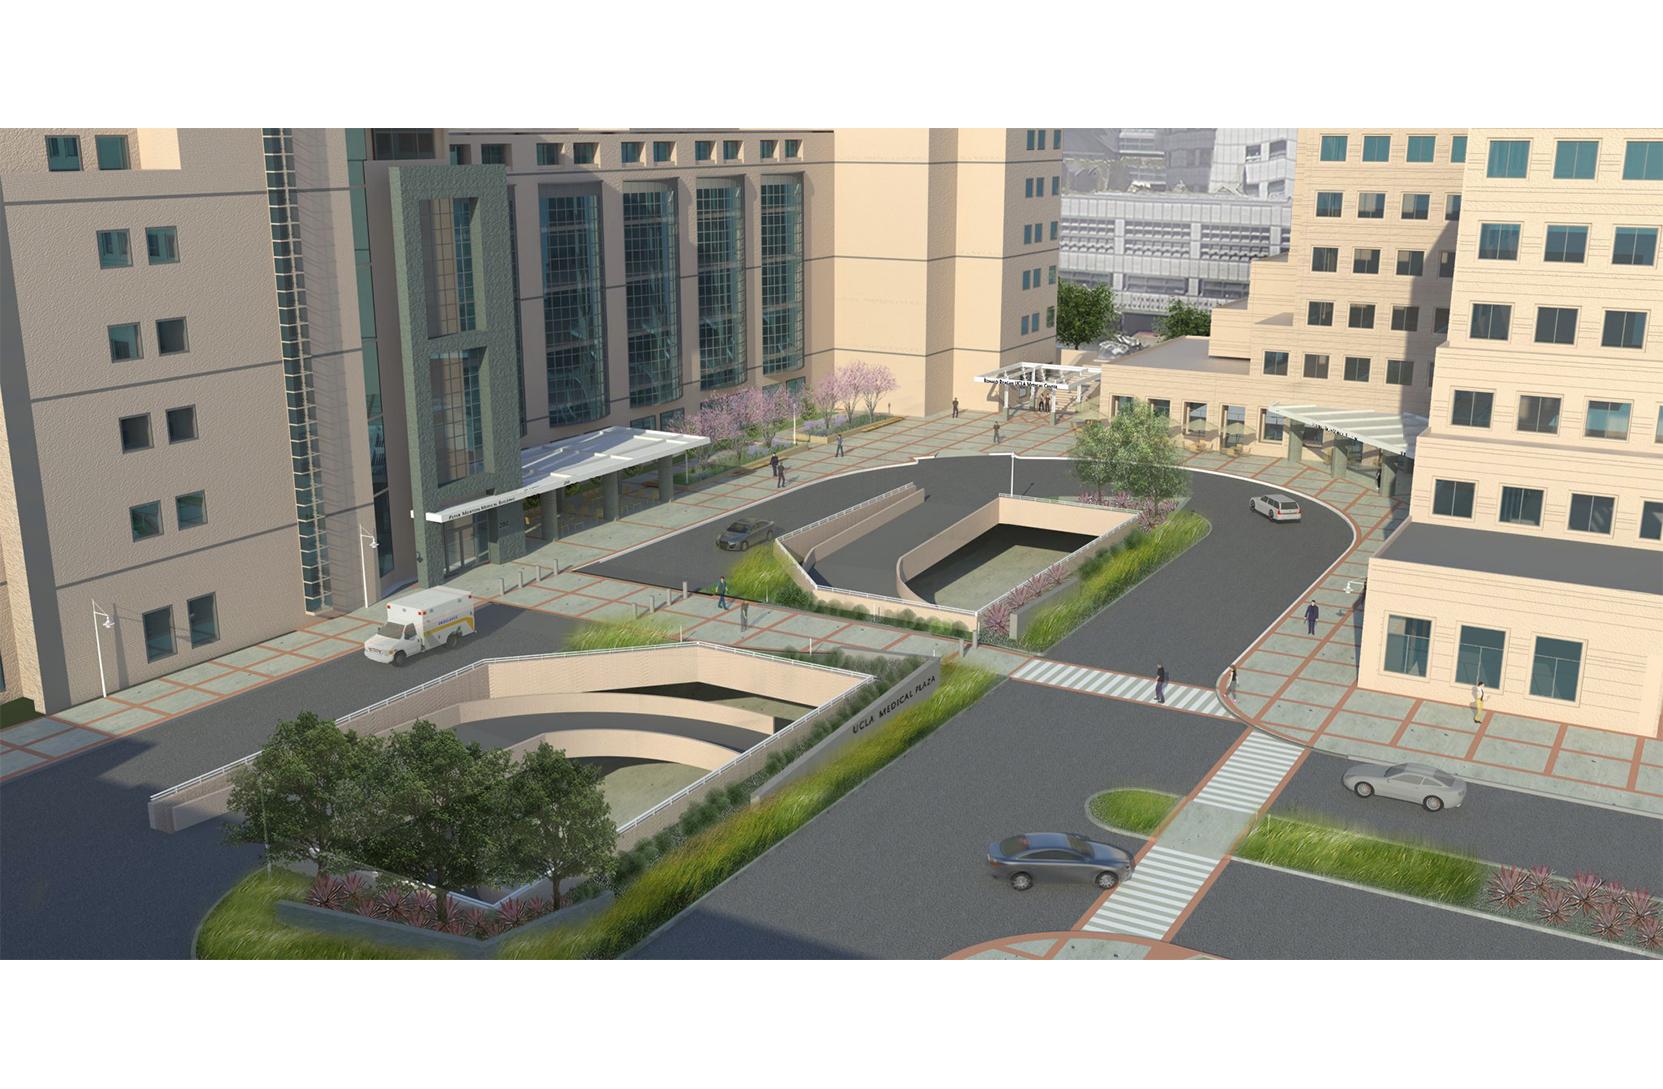 UCLA Medical Plaza - Lewis/Schoeplein Architects